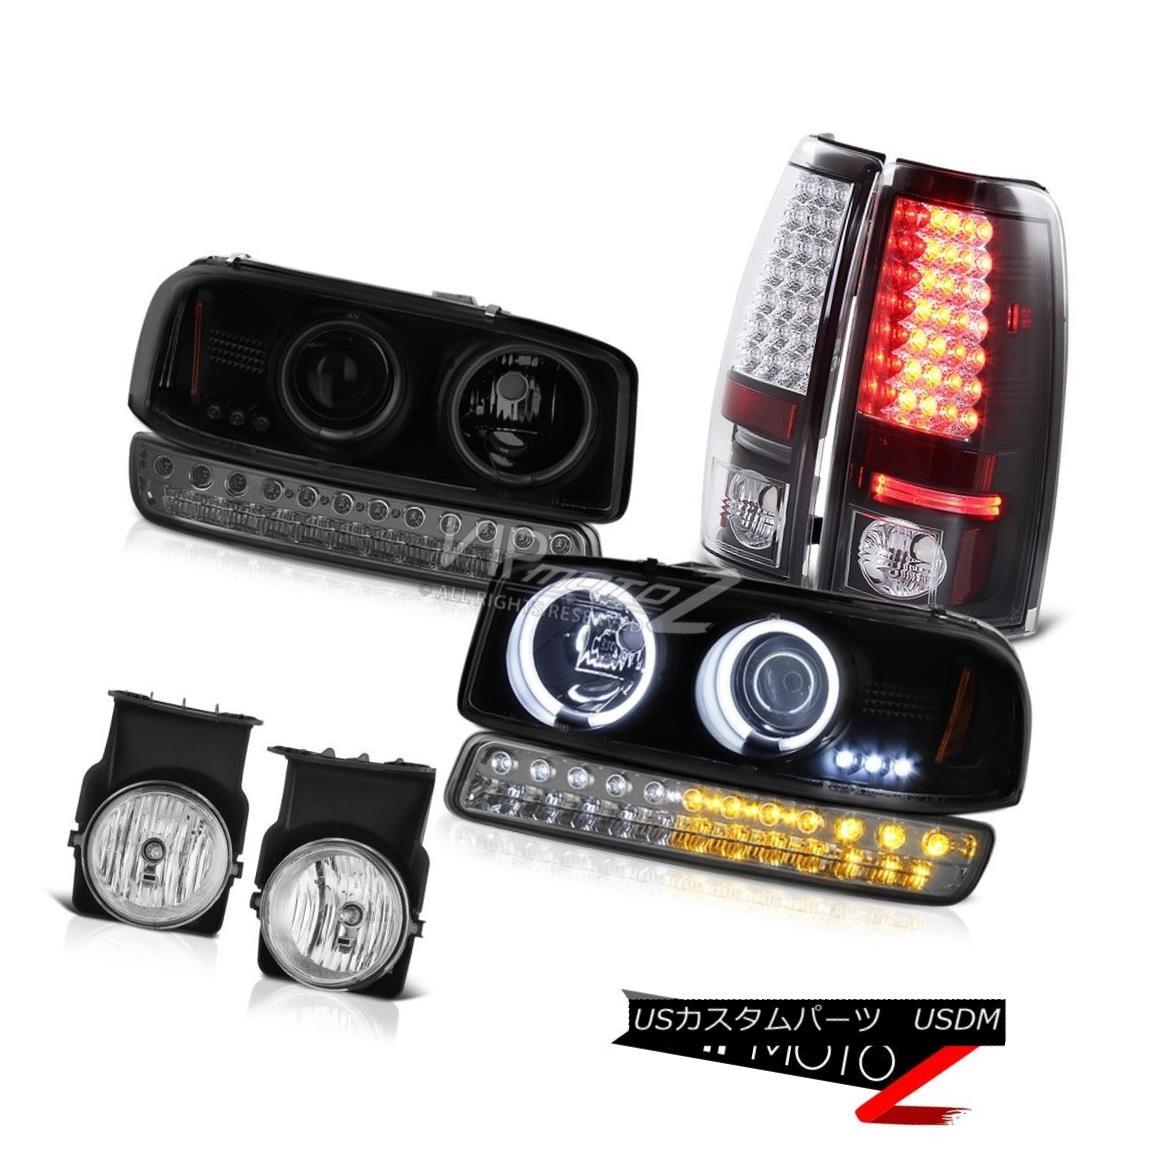 ヘッドライト 2003-2006 Sierra 1500 Fog Lamps rear LED Brake Turn Signal Projector Headlights 2003-2006 Sierra 1500フォグランプリアLEDブレーキターンシグナルプロジェクタヘッドライト